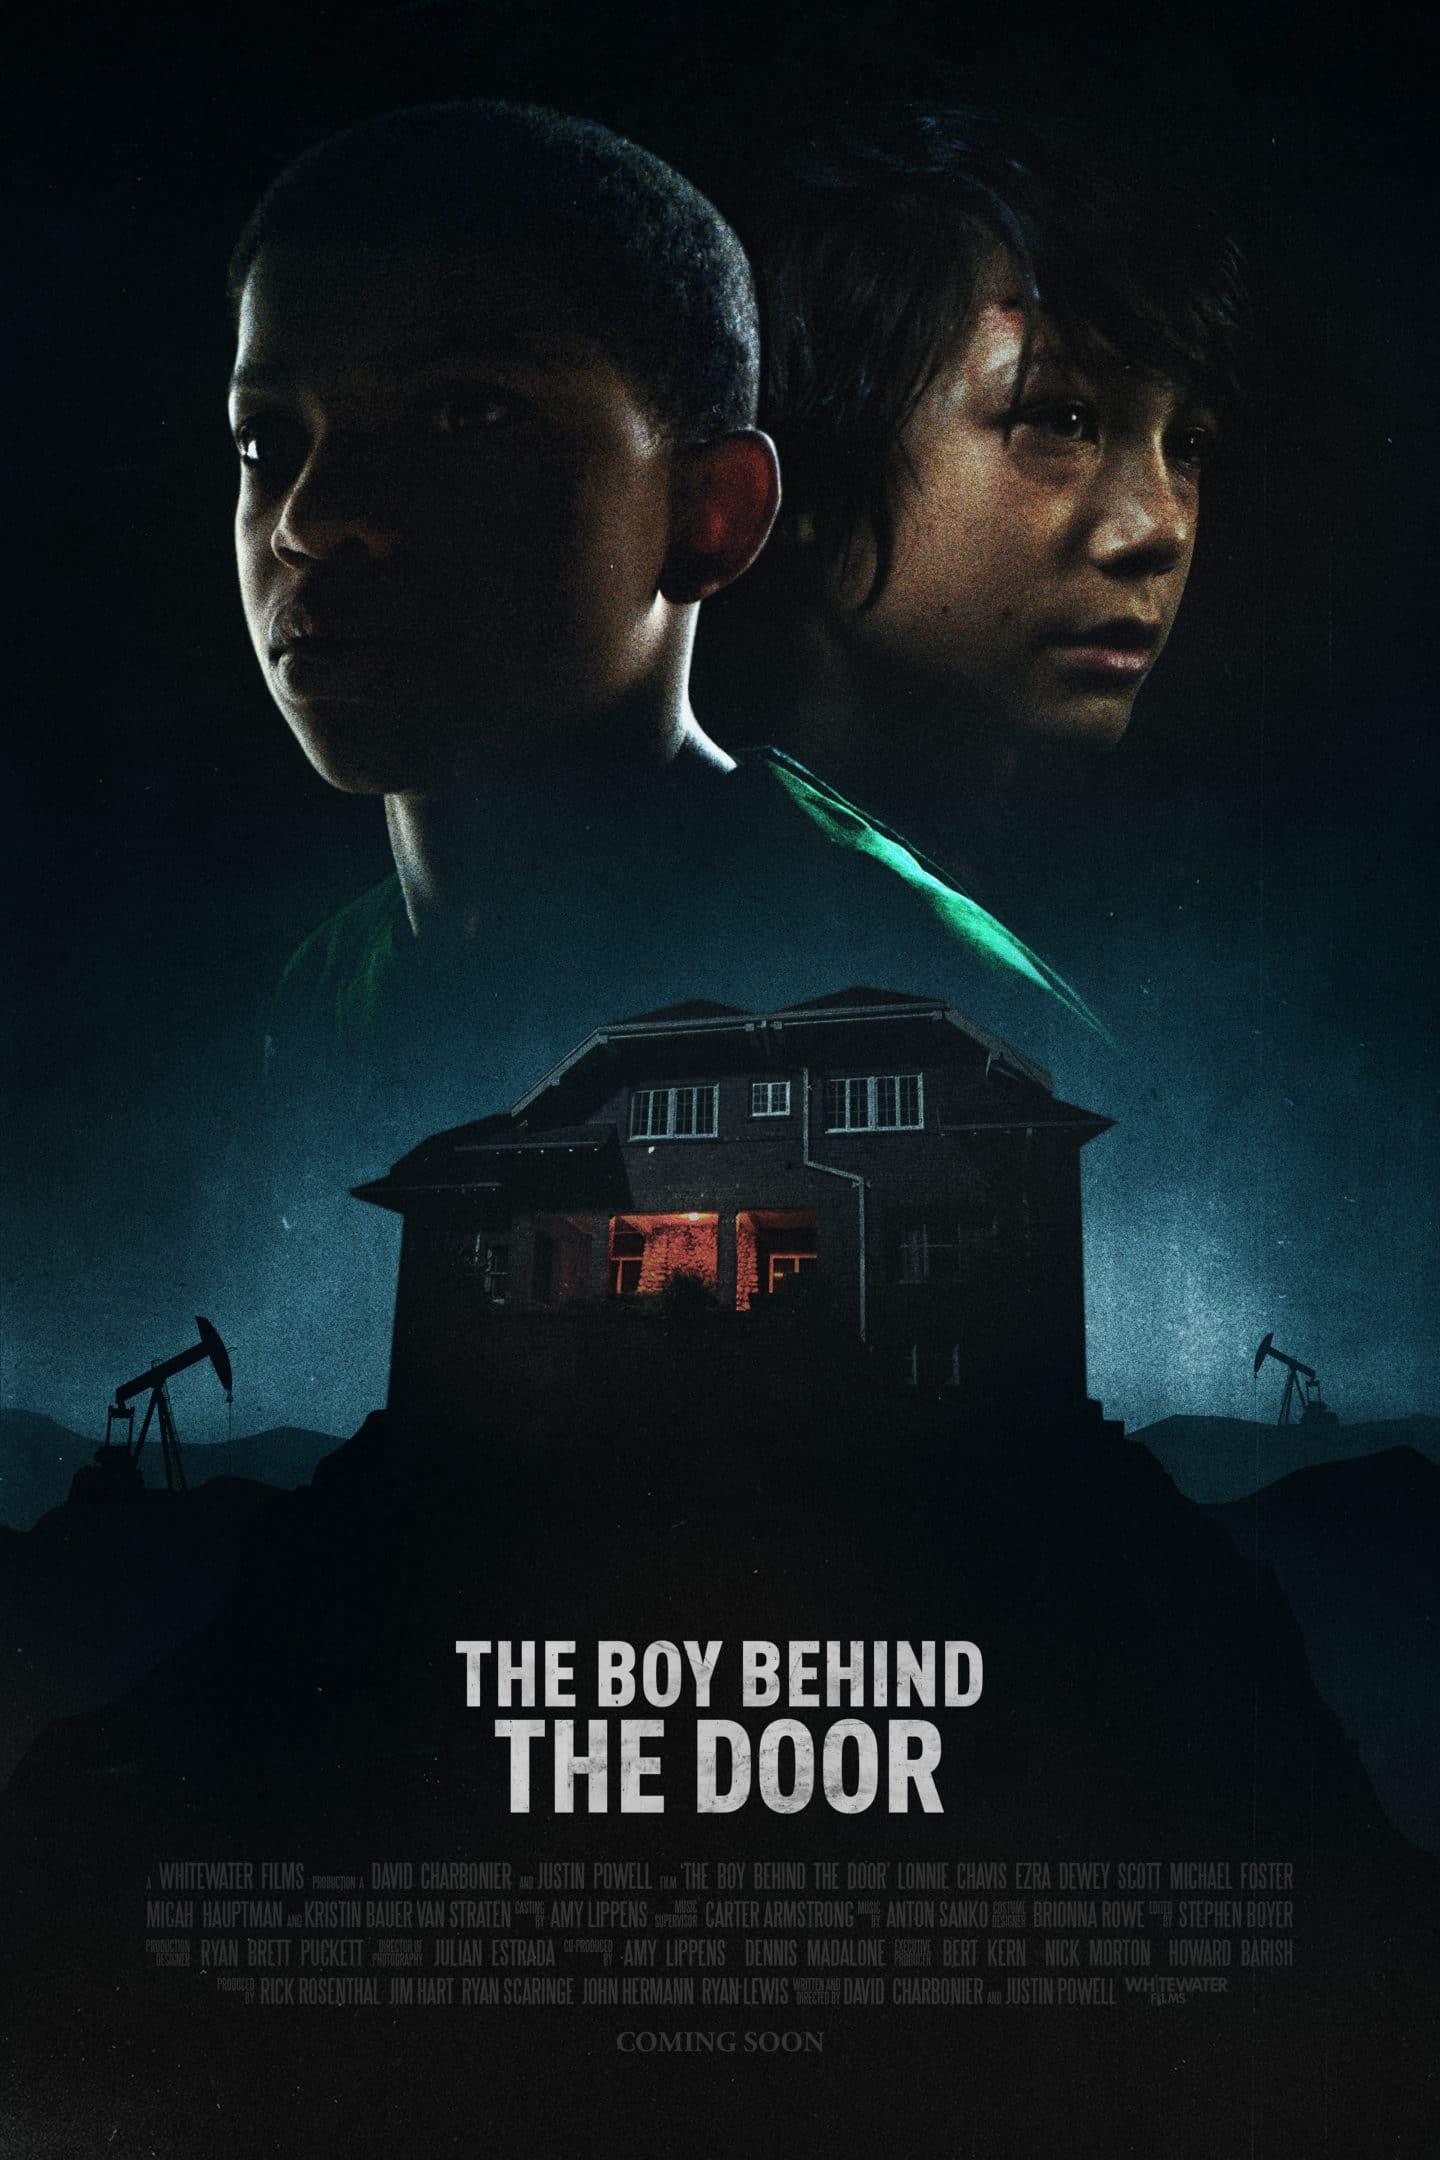 The Boy Behind the Door – Teaser Poster